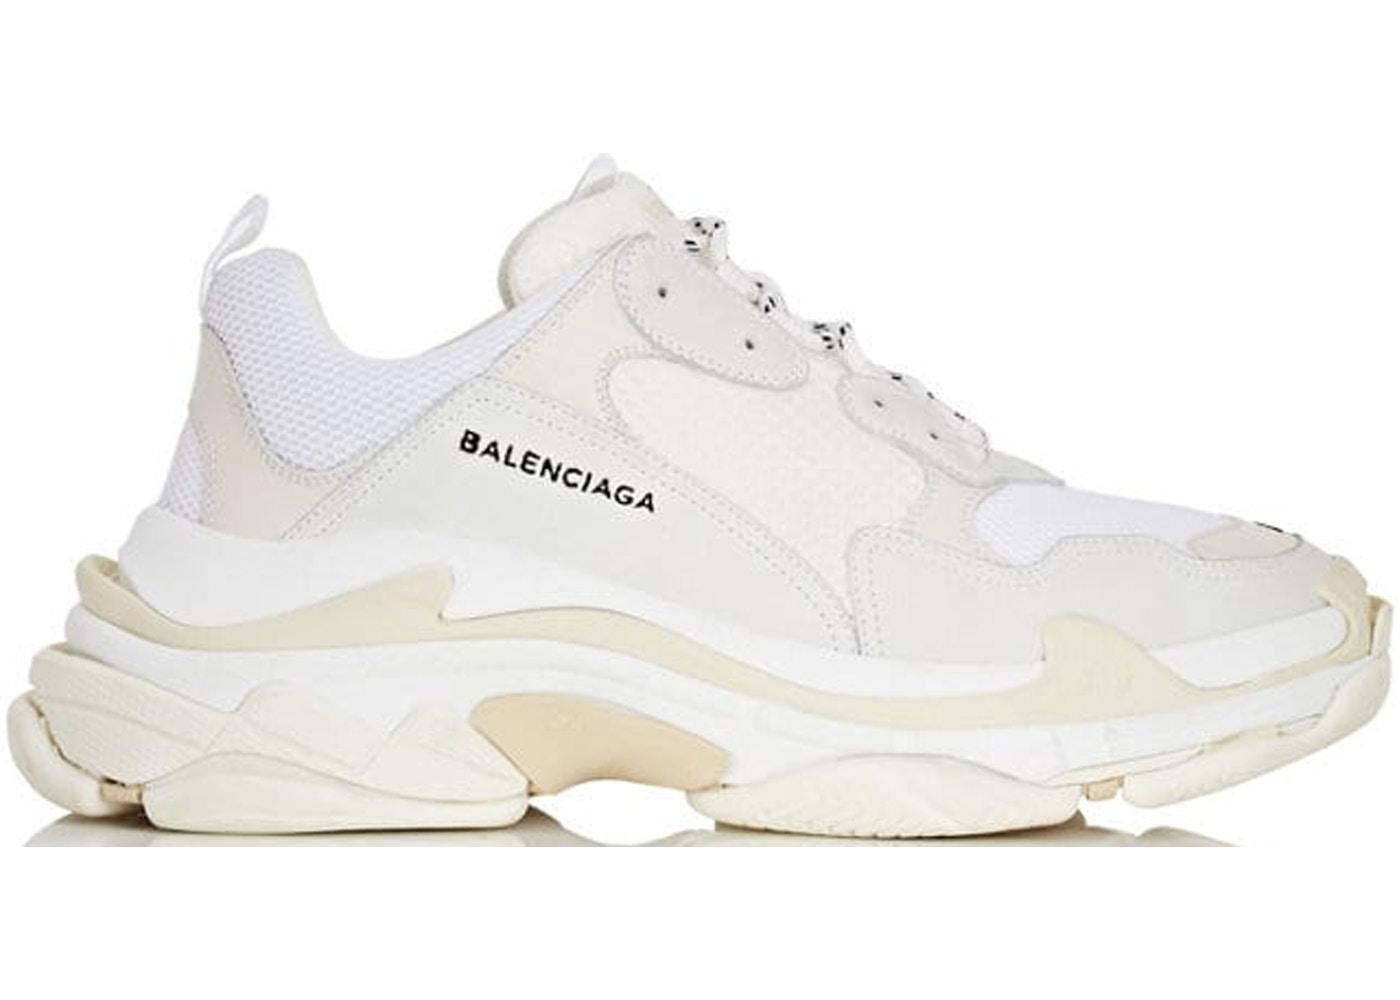 def6f72c2359 Balenciaga Triple S White - 483546W06F19000